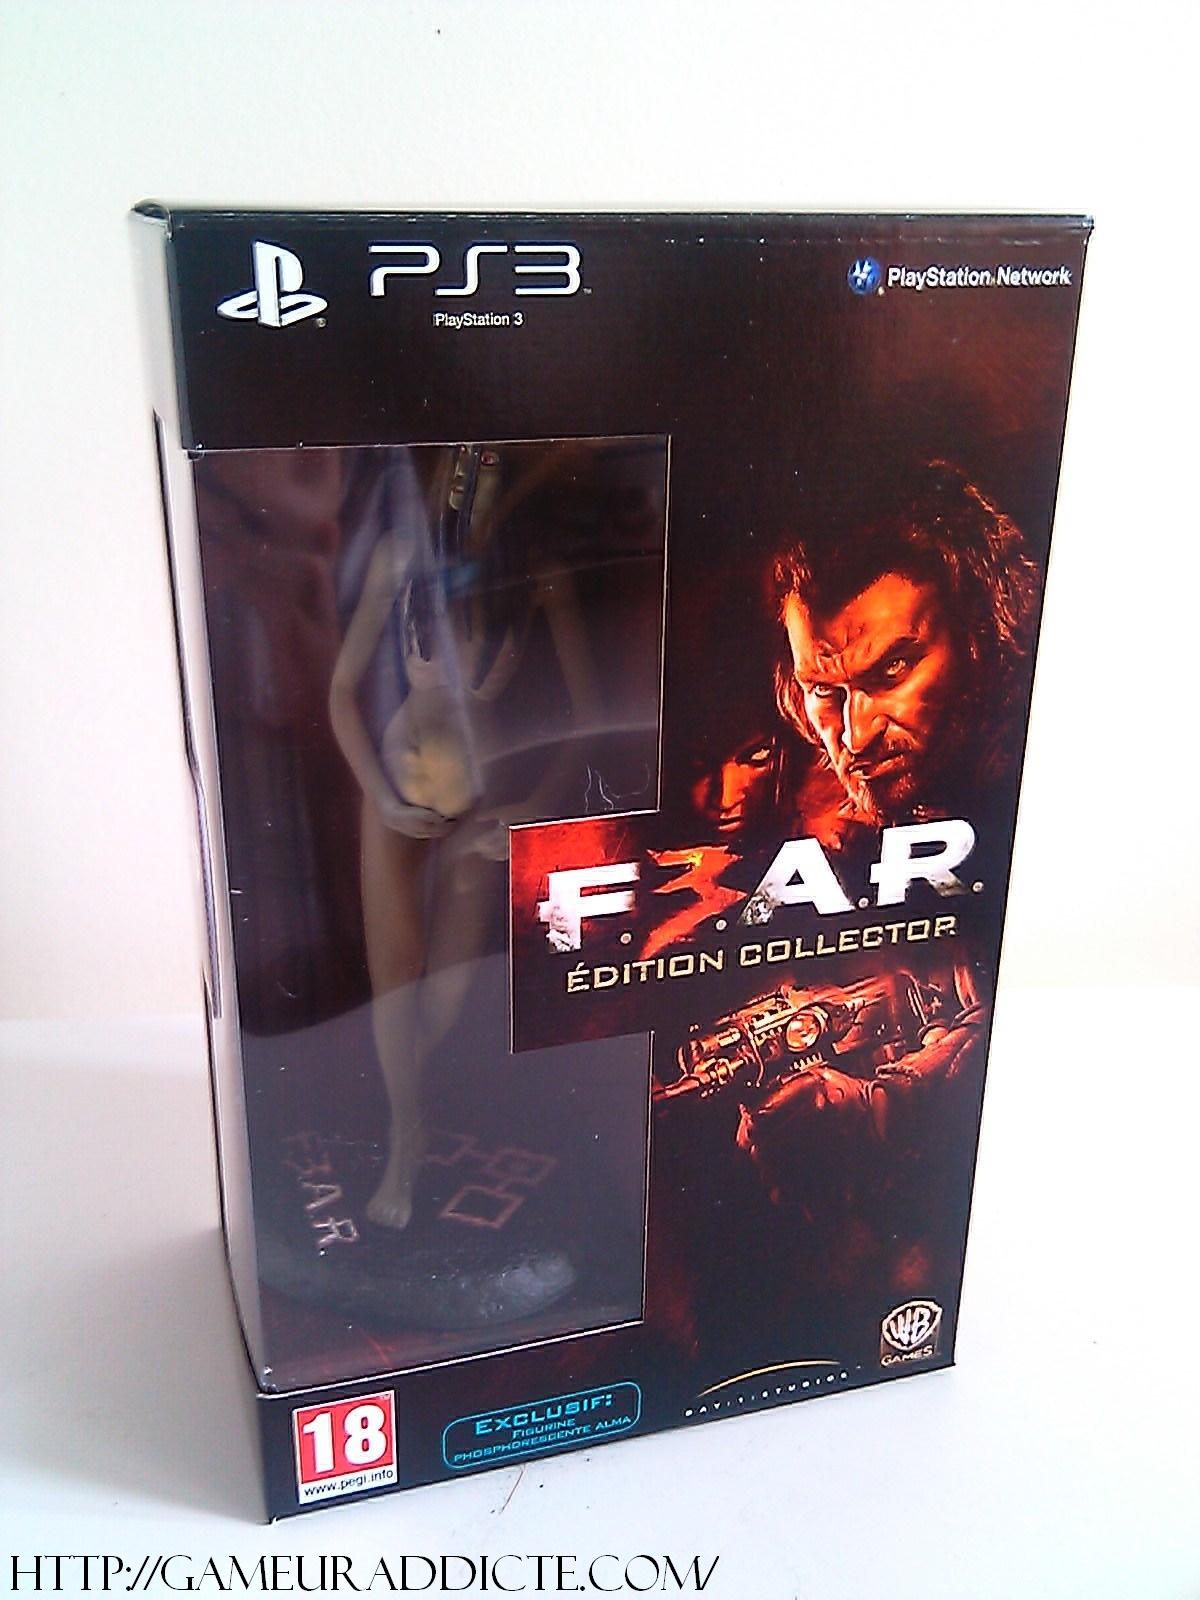 Clos Fears-3-edition-collector-gameuraddicte